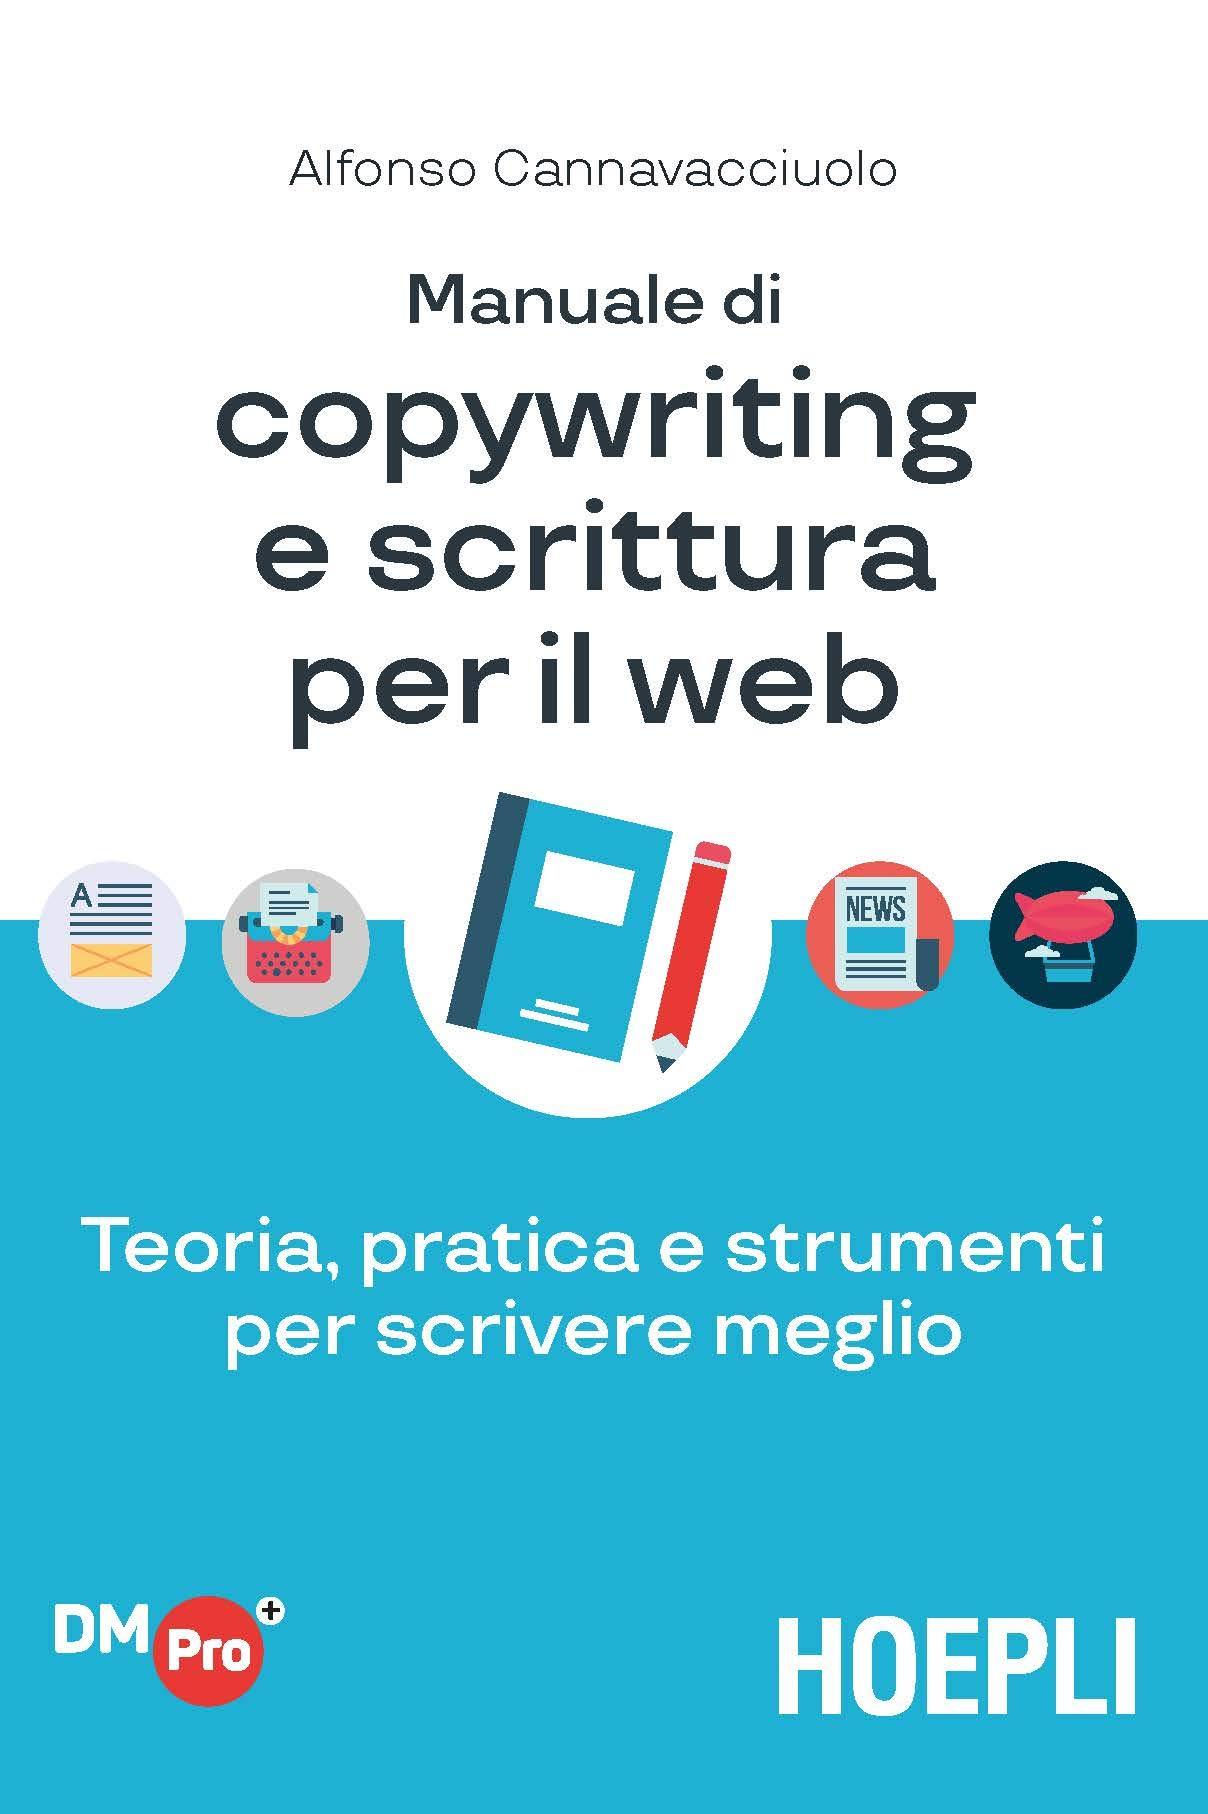 Libri sul Copywriting_Manuale di copywriting e scrittura per il web